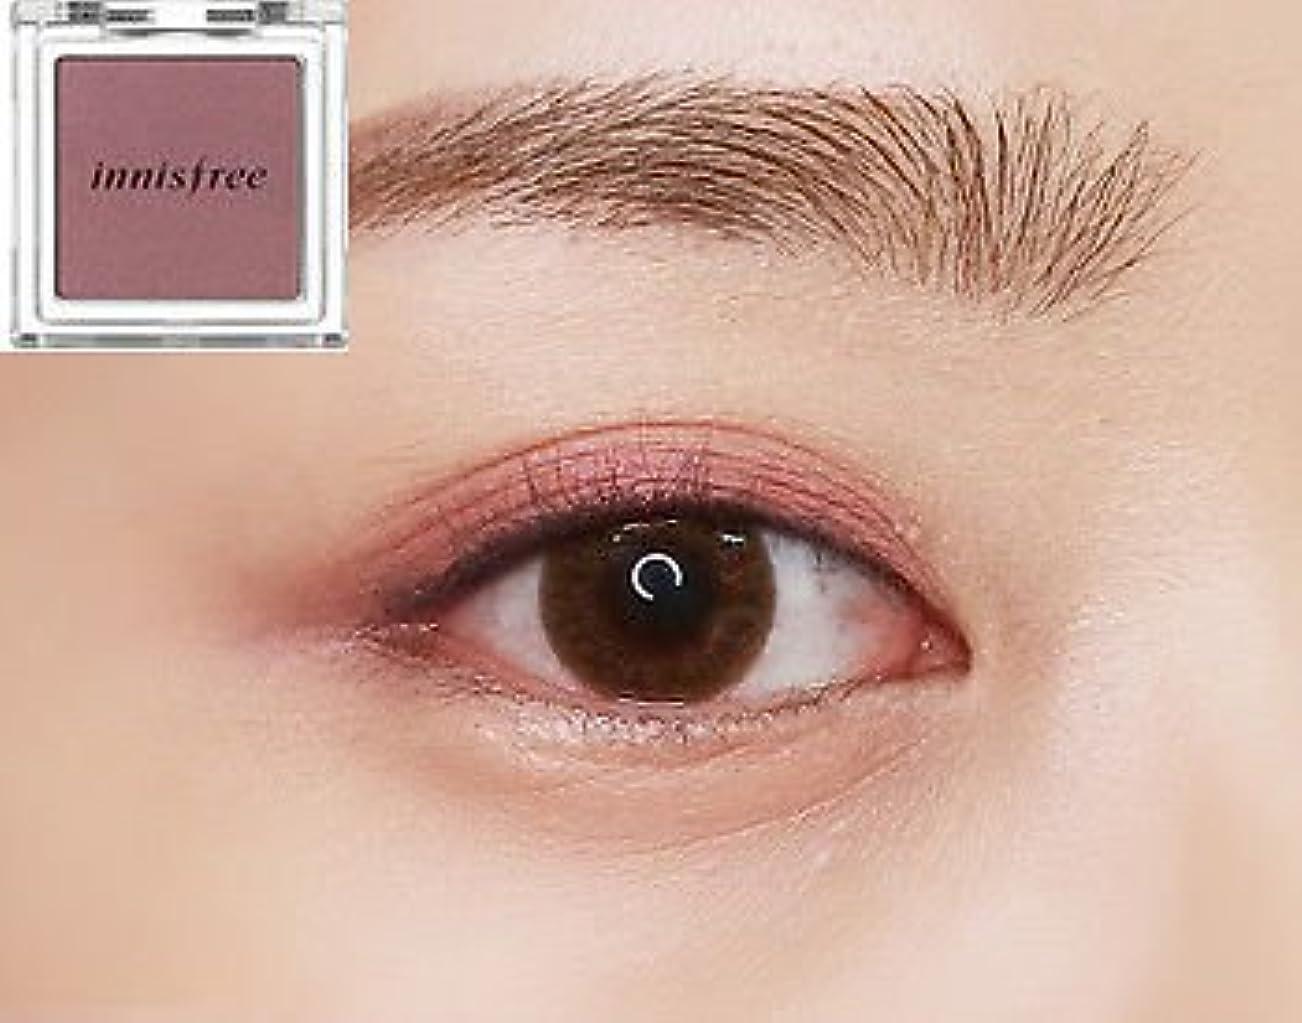 評決大砲頼む[イニスフリー] innisfree [マイ パレット マイ アイシャドウ (シマ一) 39カラー] MY PALETTE My Eyeshadow (Shimmer) 39 Shades [海外直送品] (シマ一 #19)